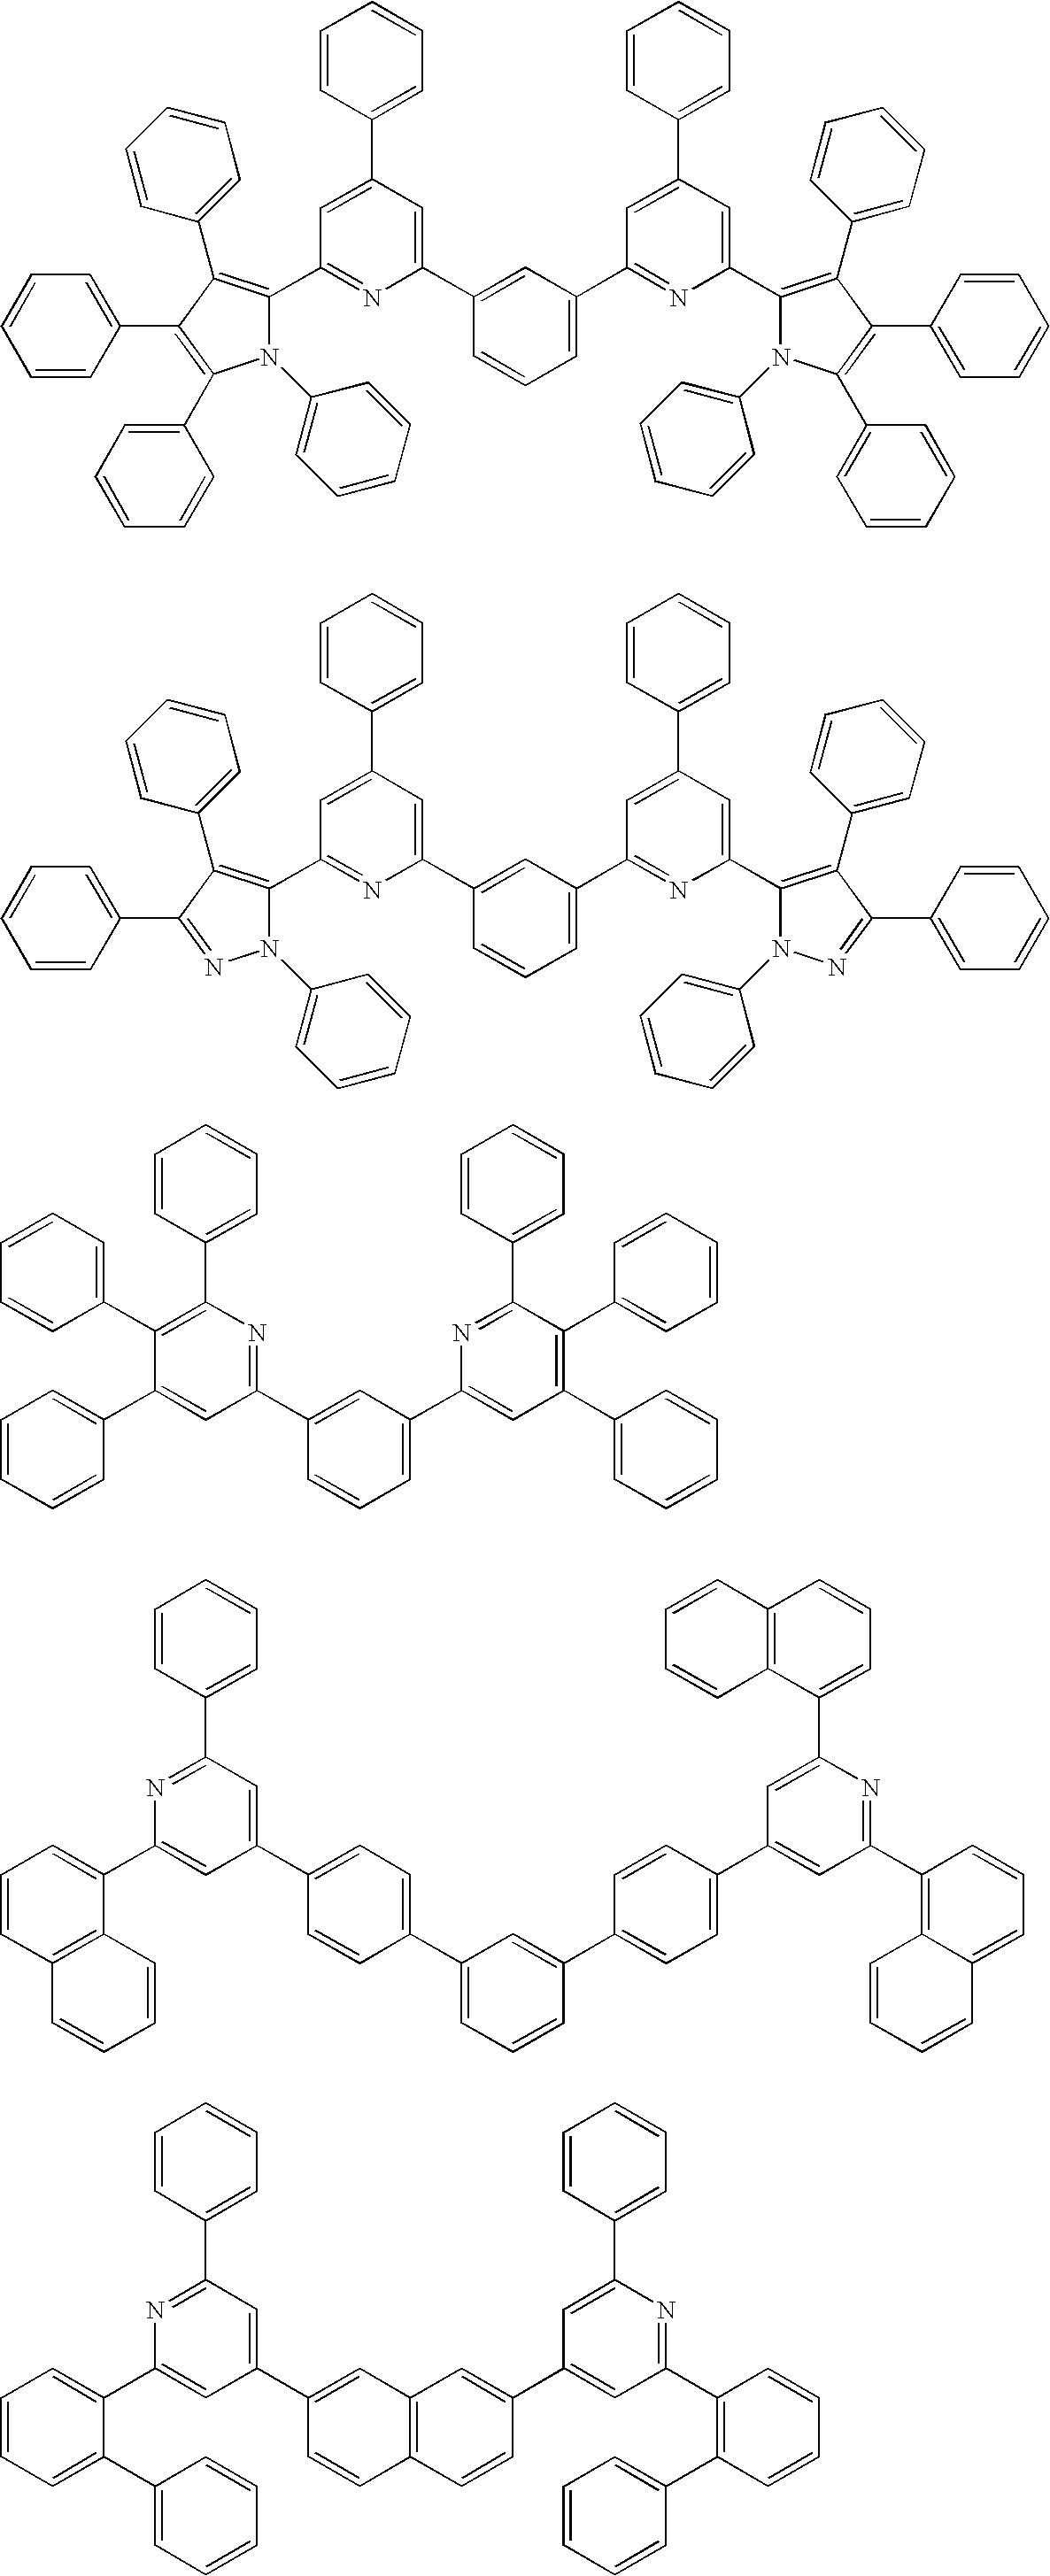 Figure US20060186796A1-20060824-C00097